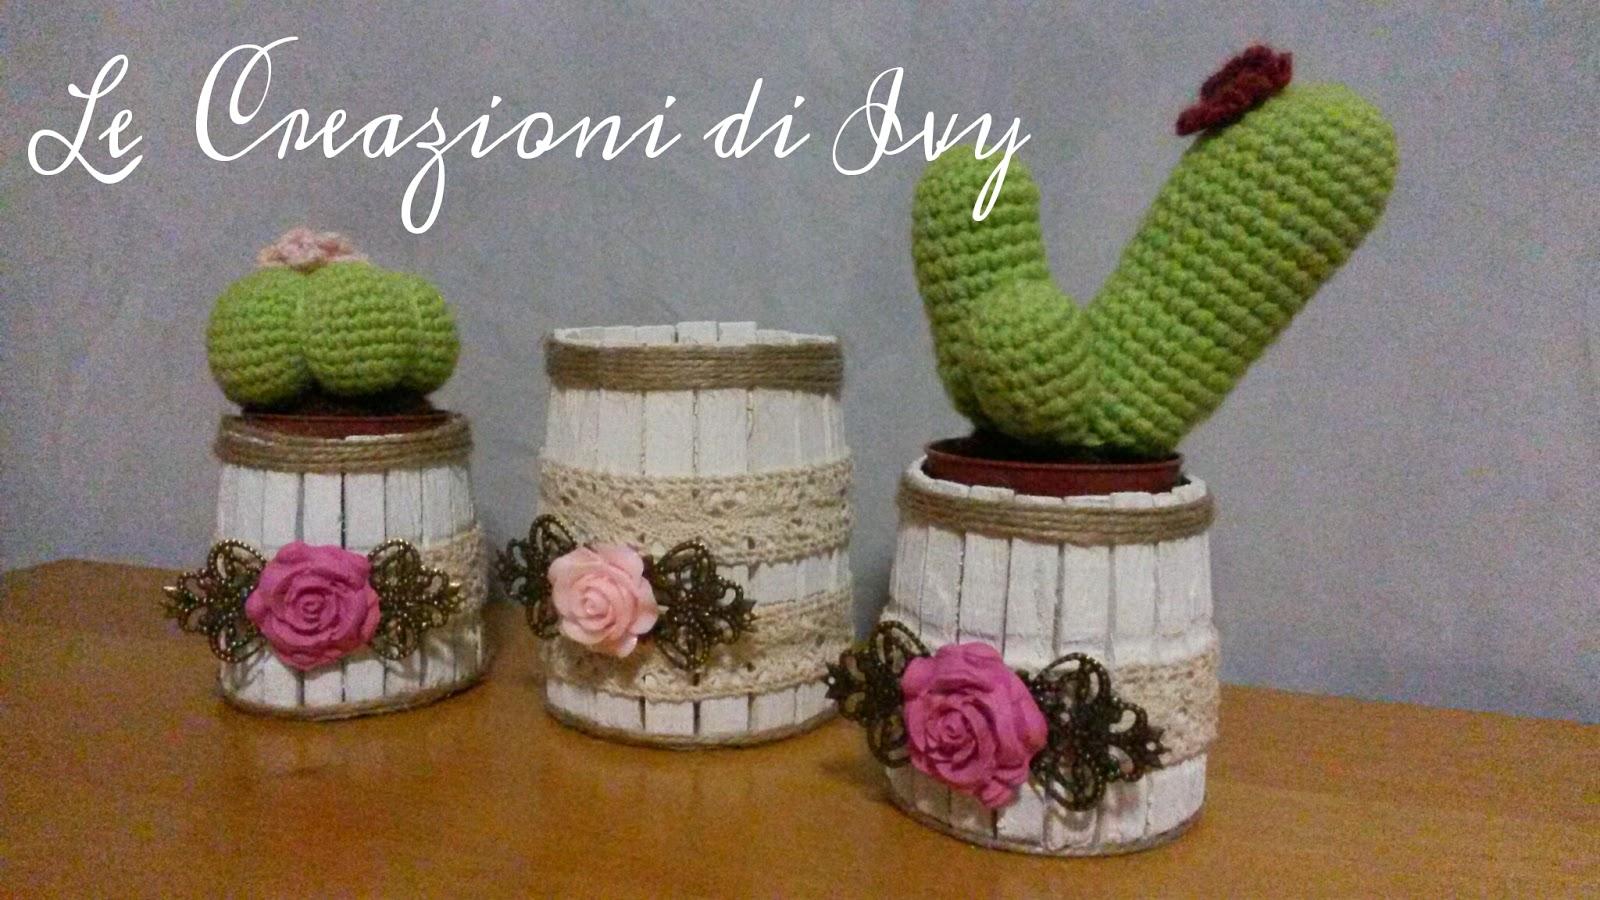 Le creazioni di ivy qualche idea per riciclare o for Creazioni per la casa